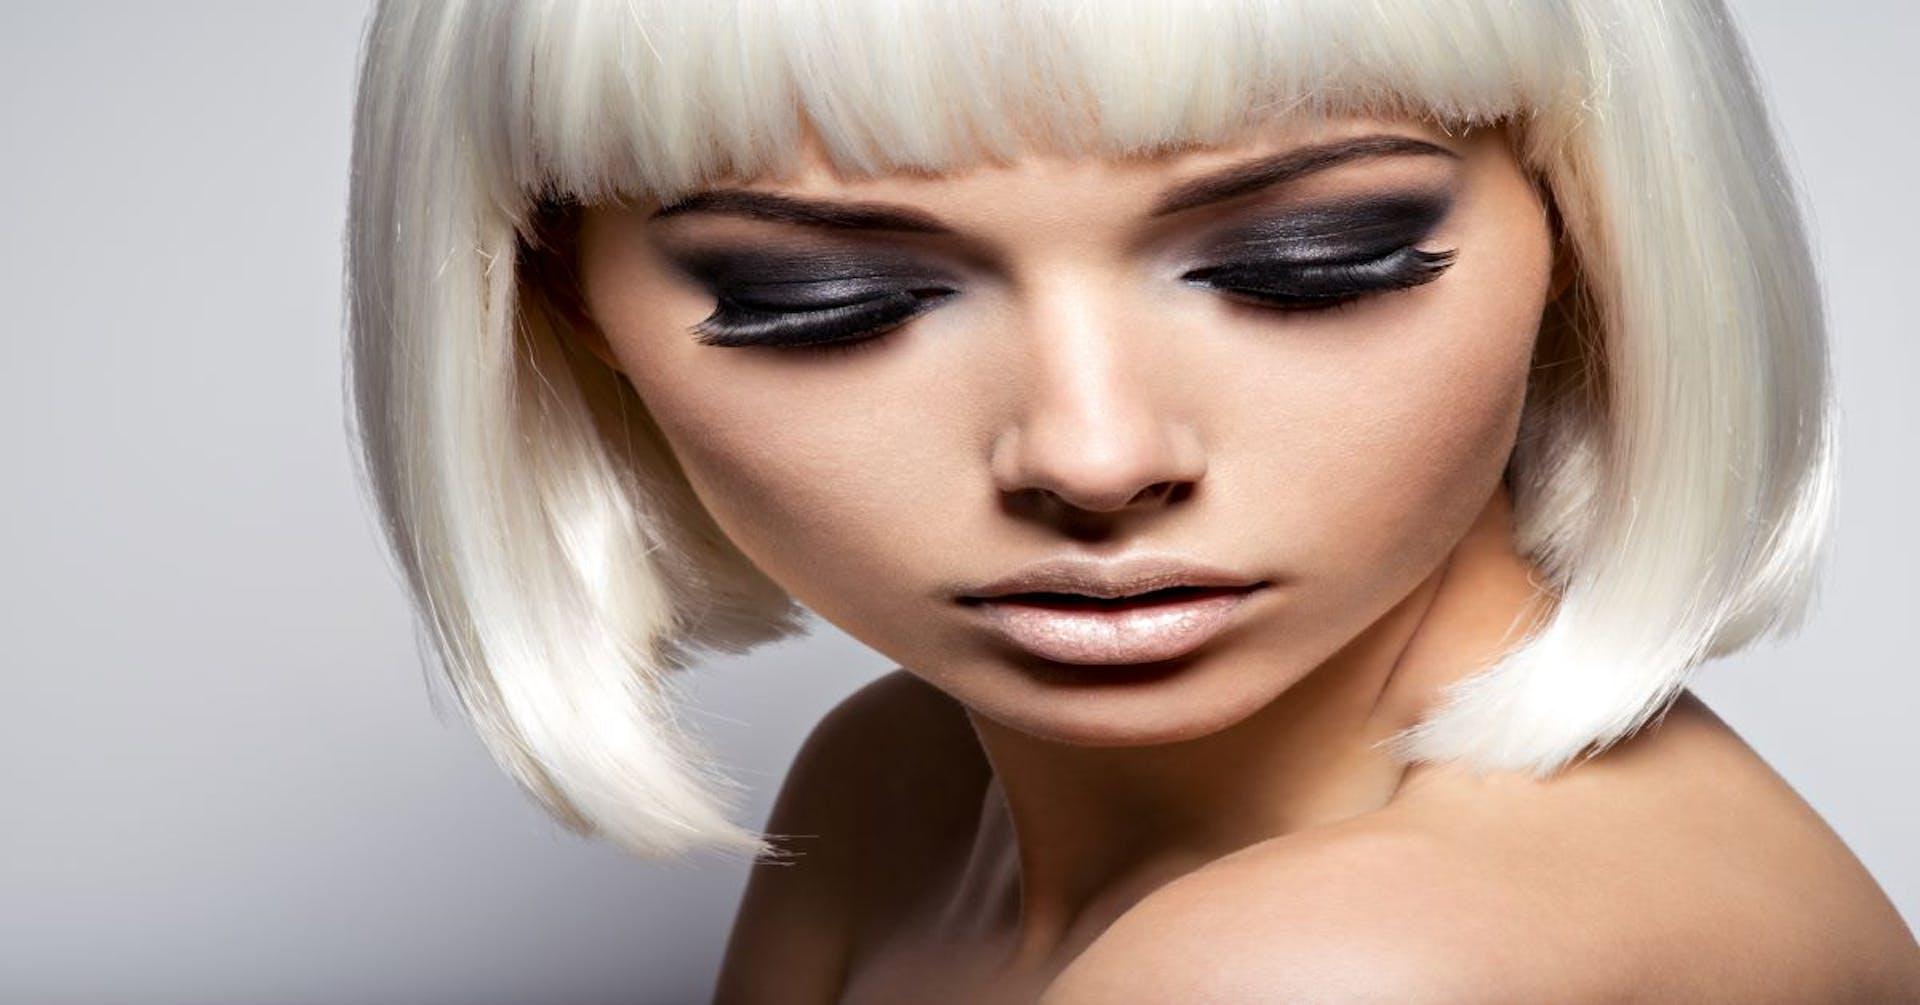 5 técnicas de maquillaje que harán lucir verdaderamente tu rostro